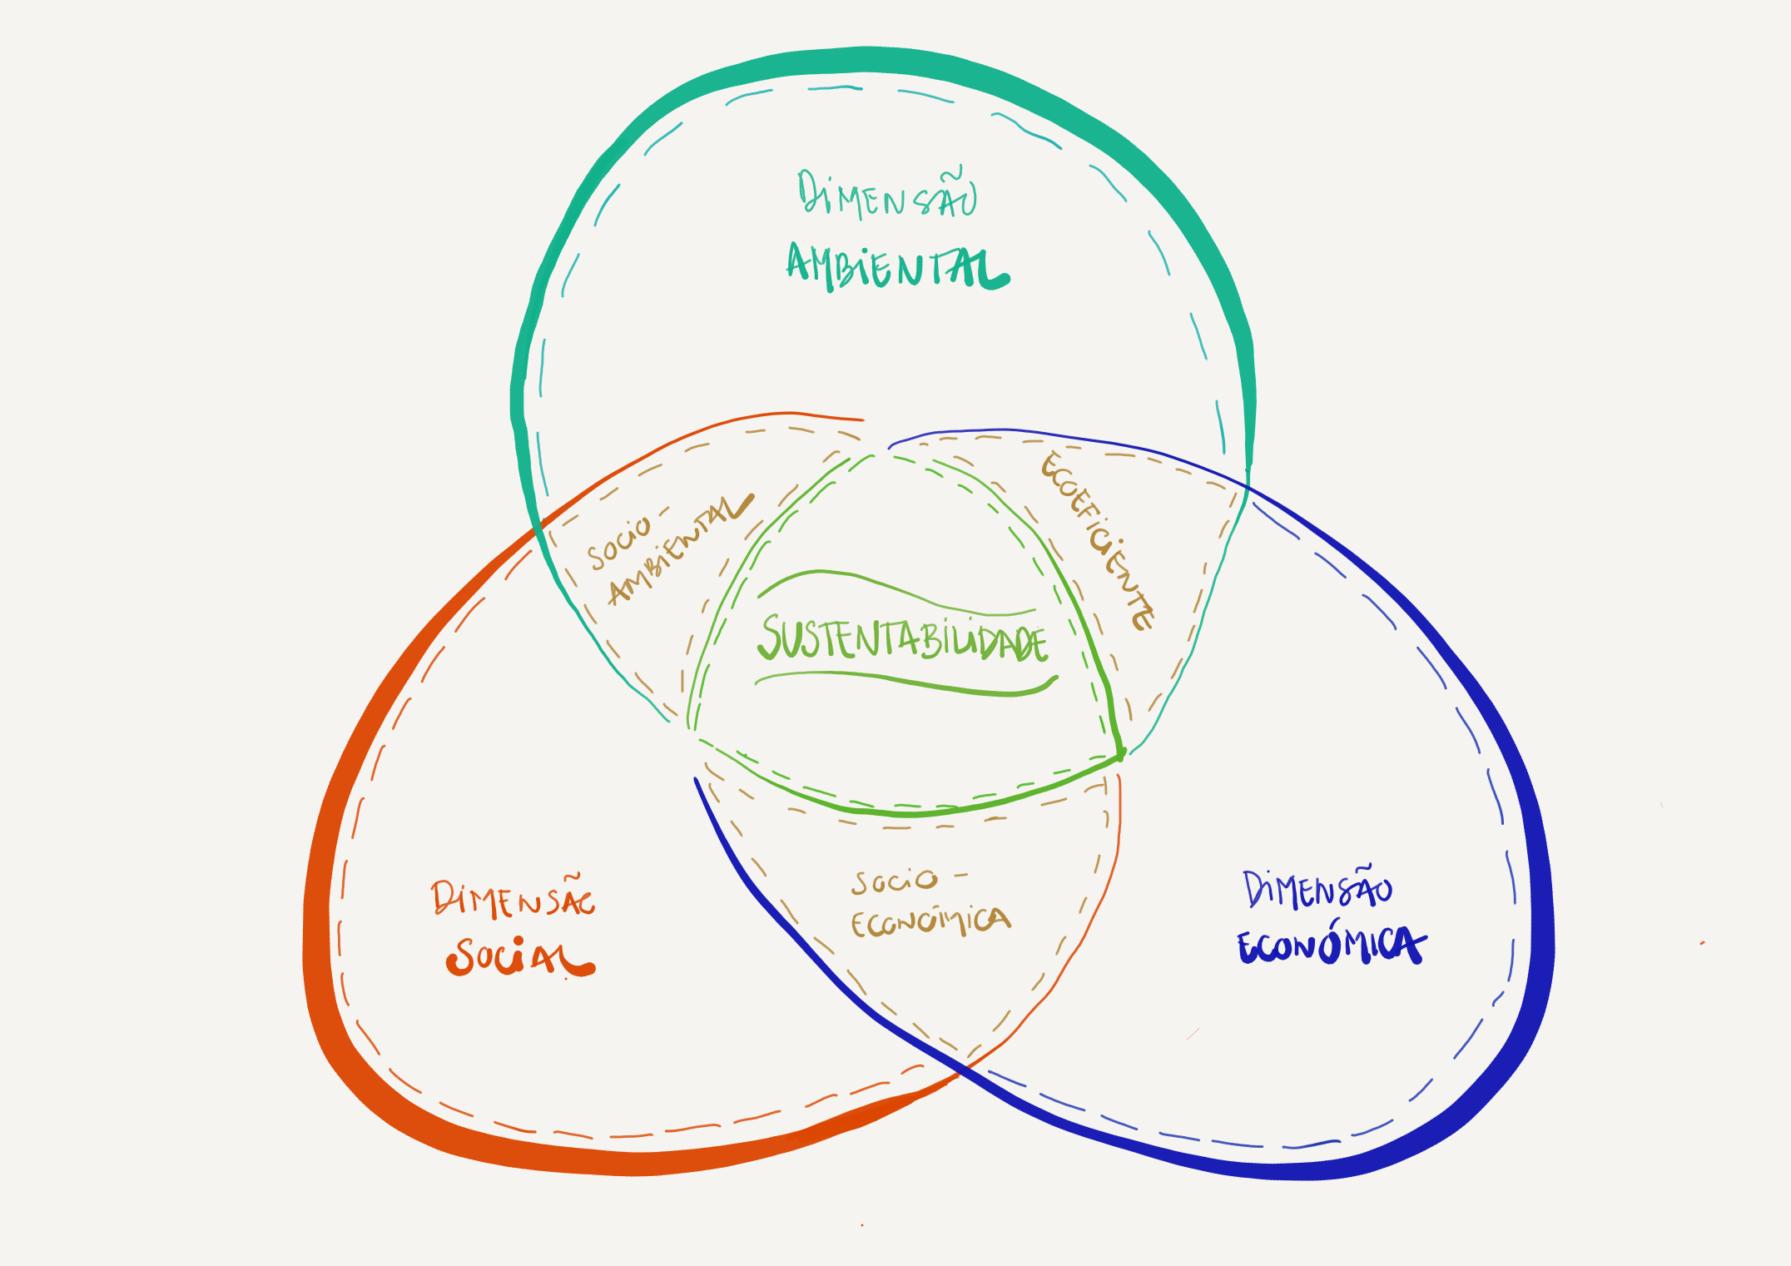 Diagrama dos 3 pilares da sustentabilidade